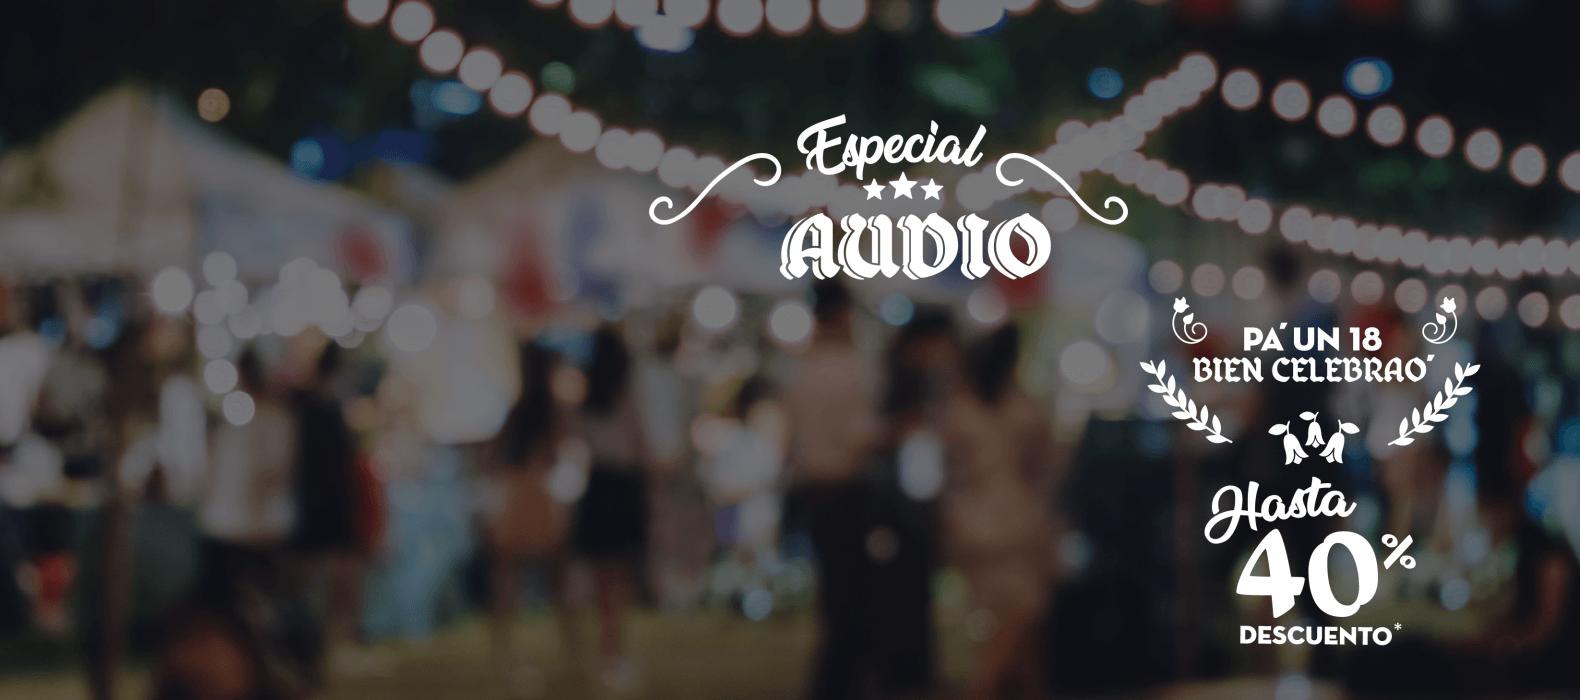 Especial Audio